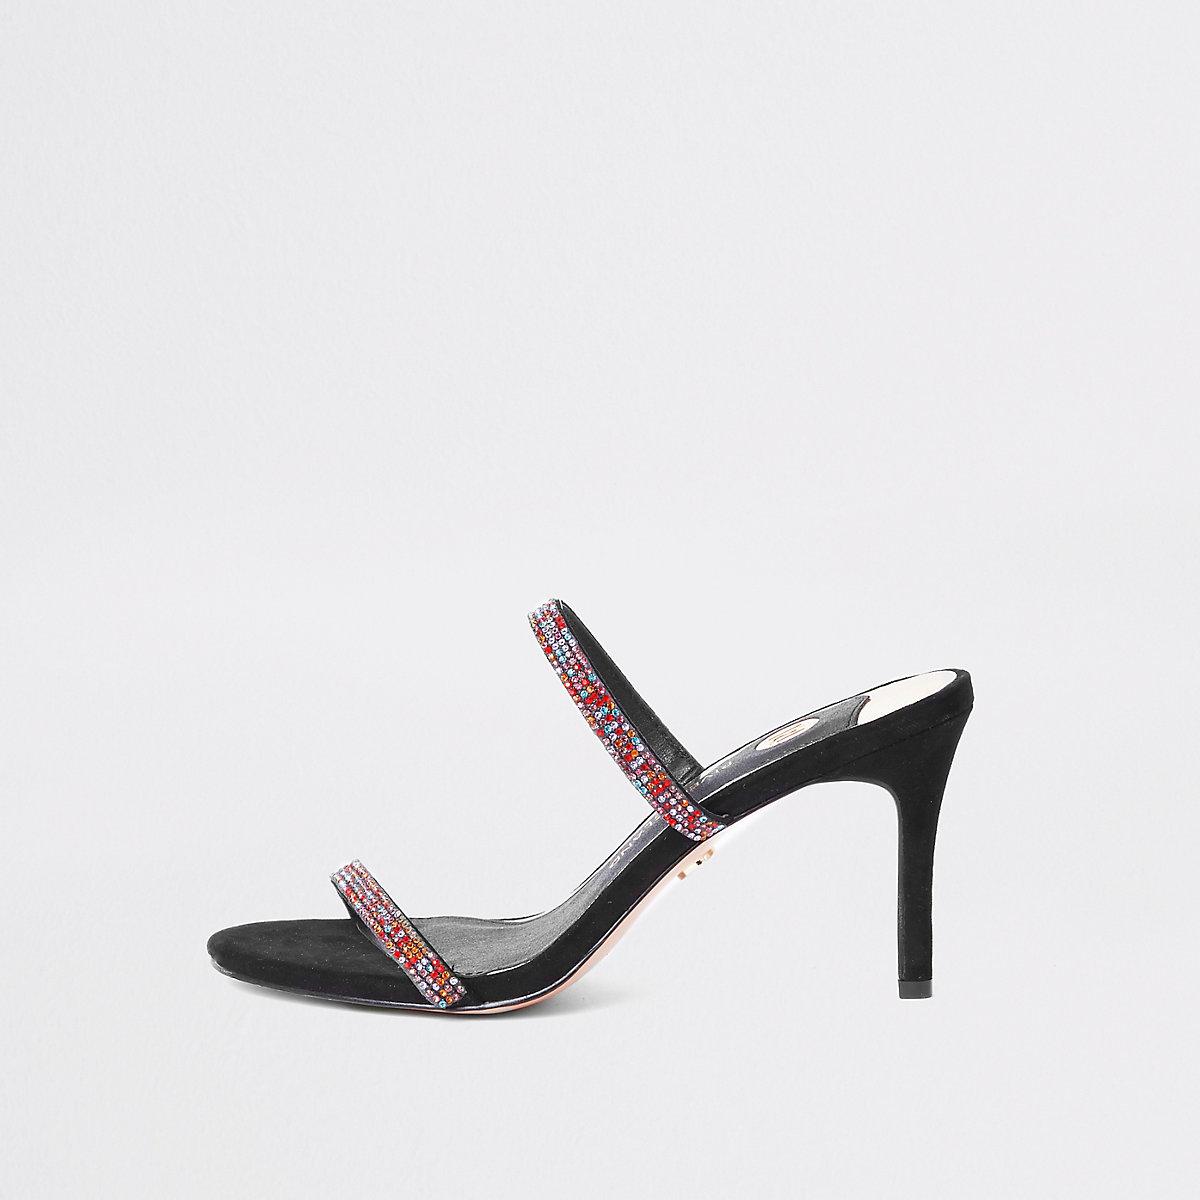 Schwarze Stiletto-Pantoletten